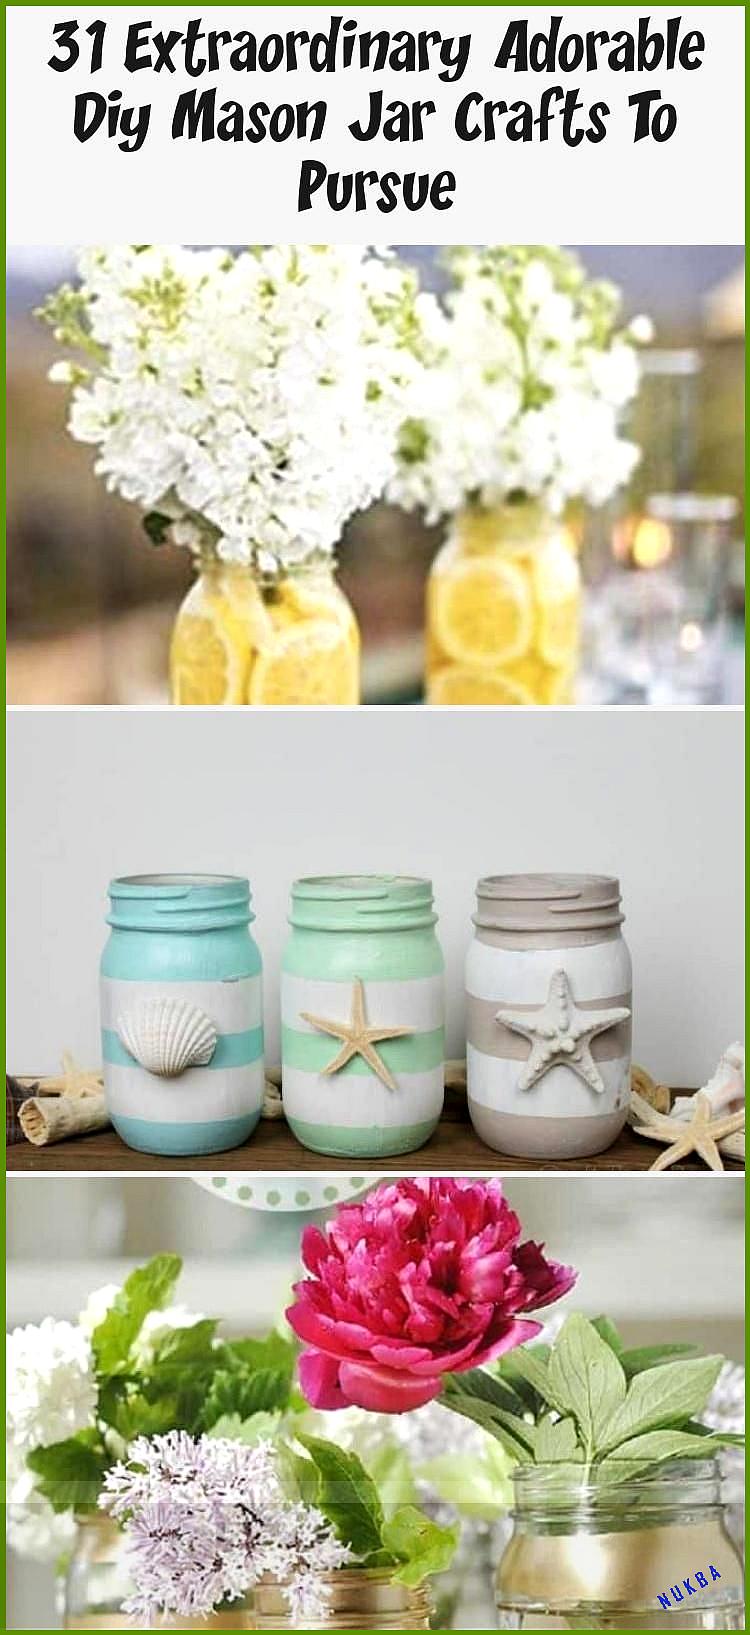 31 Extraordinary Adorable Diy Mason Jar Crafts To Pursue - CUISINE, #adorable #Crafts #CUISINE #DIY #Extraordinary #Jar #Mason #Pursue